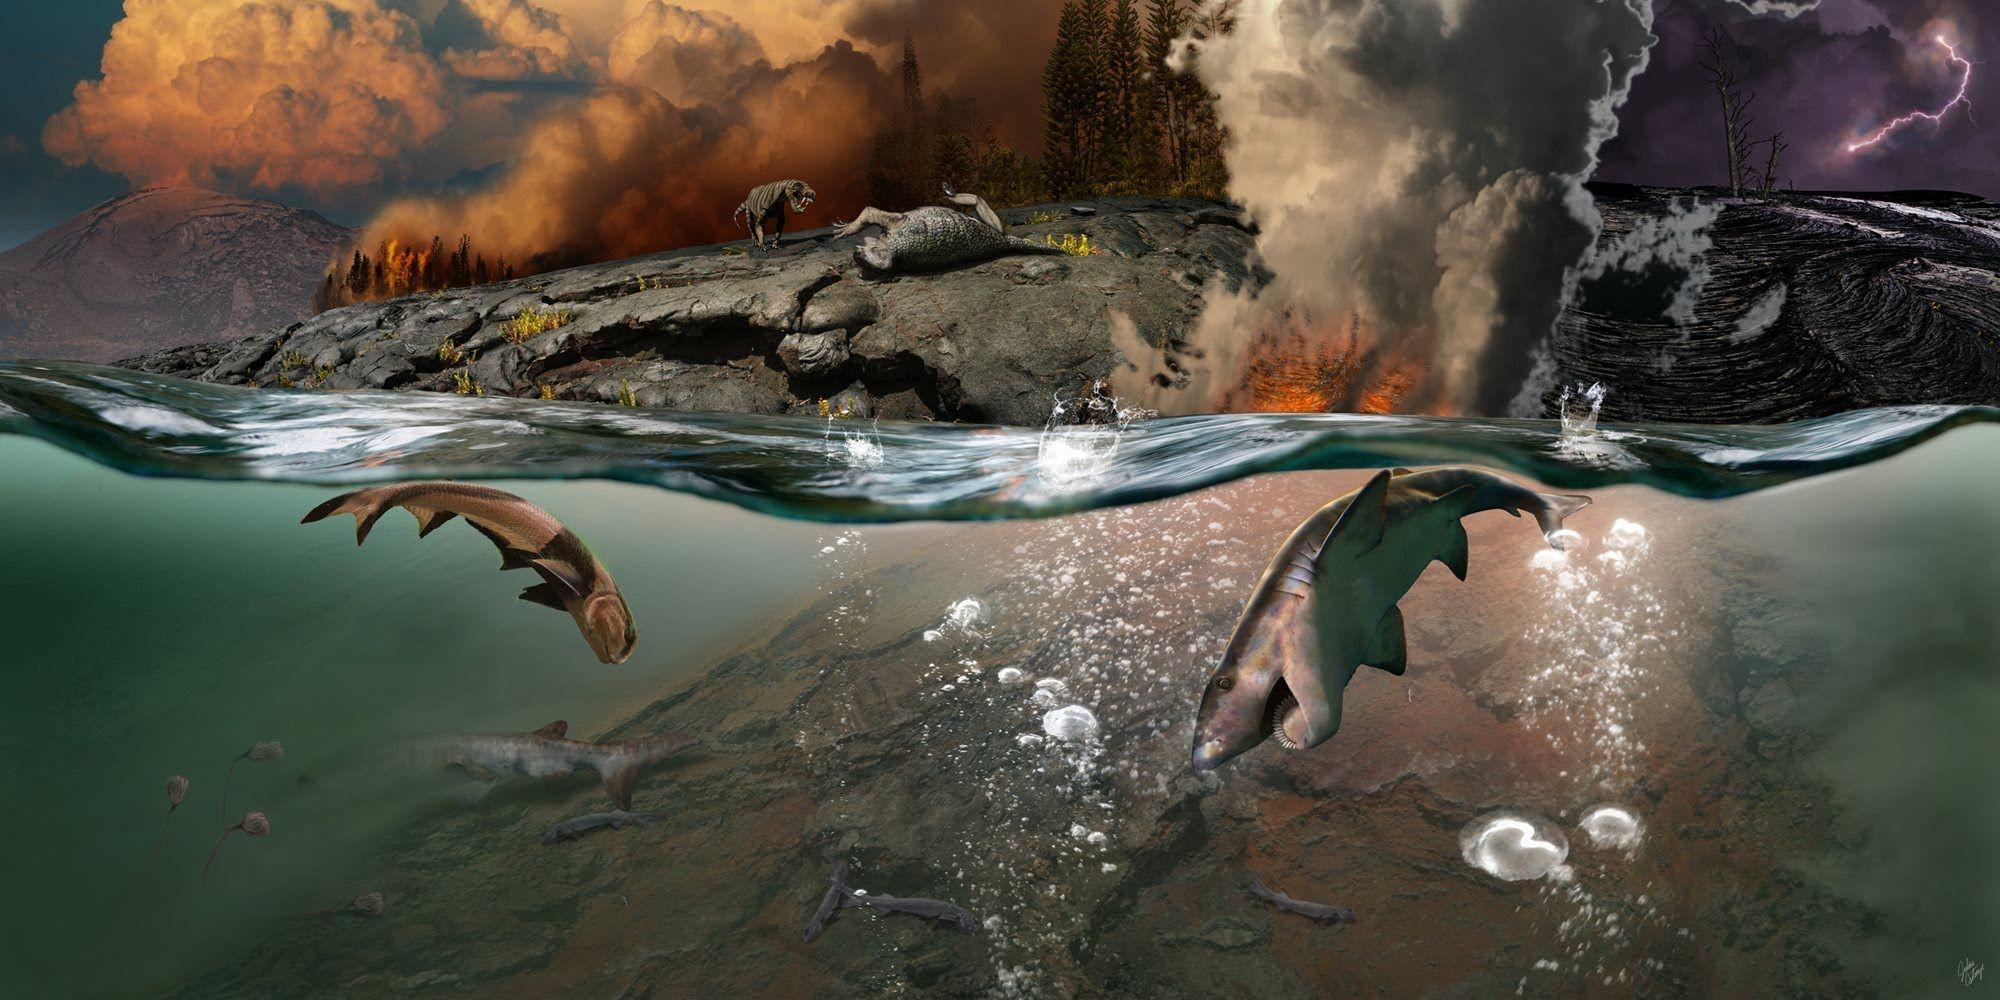 Крупнейшее массовое вымирание в истории было вызвано ядовитыми газами